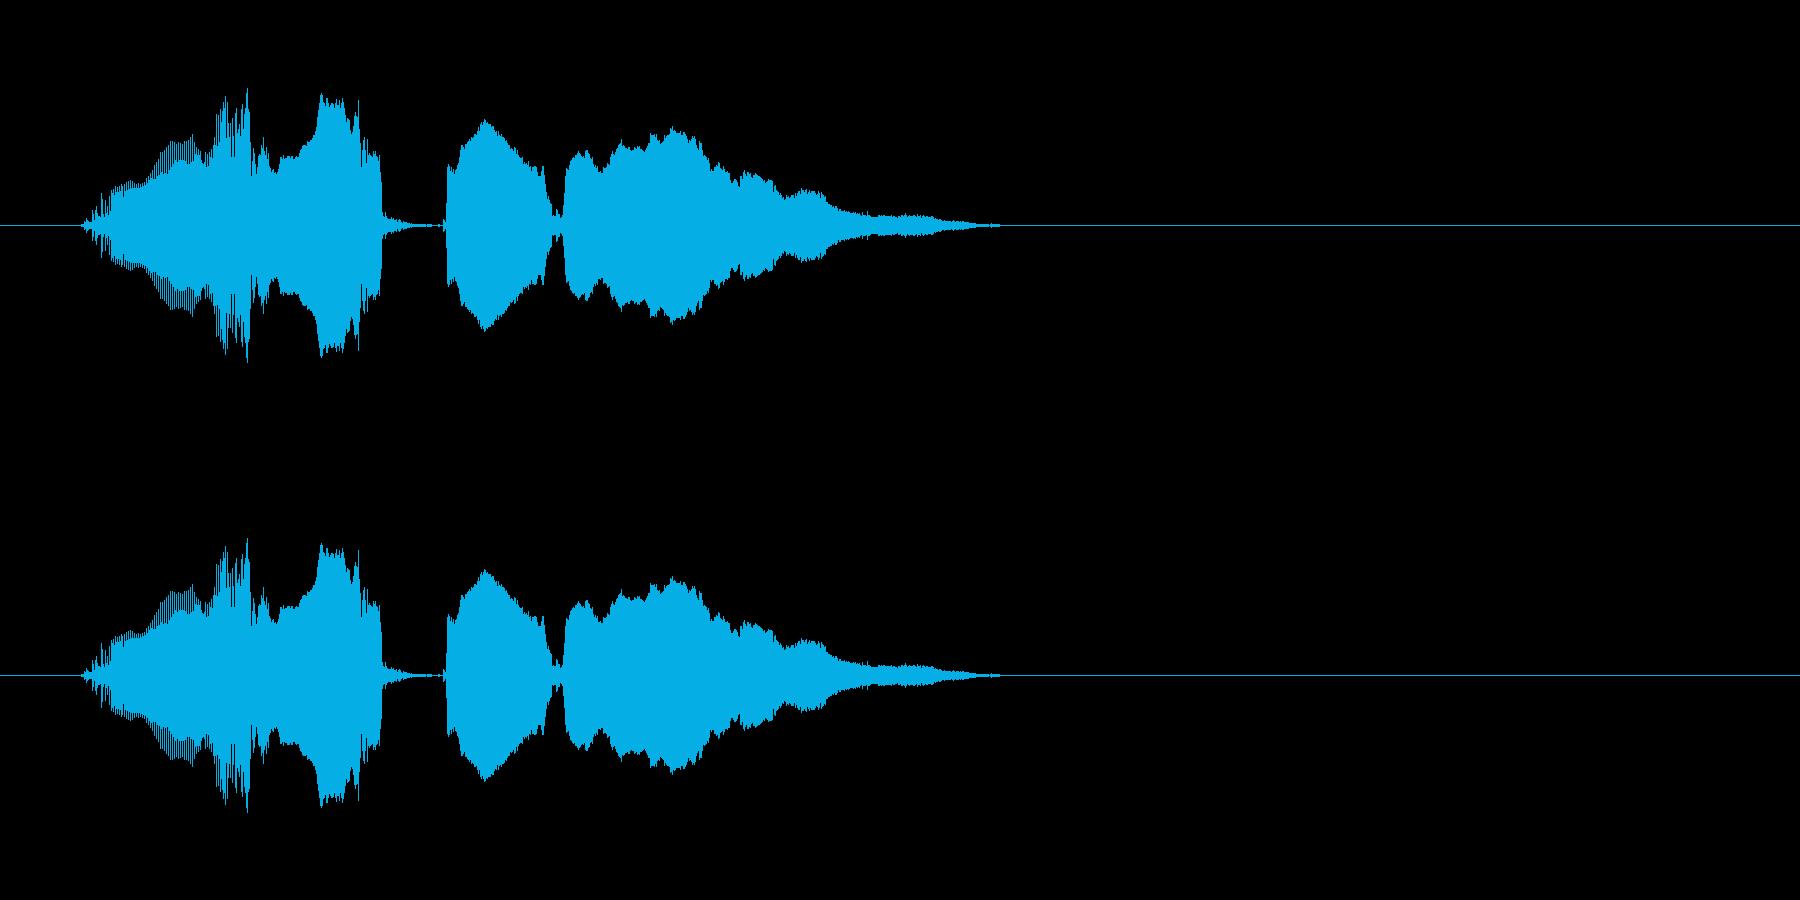 おおあたり〜の再生済みの波形